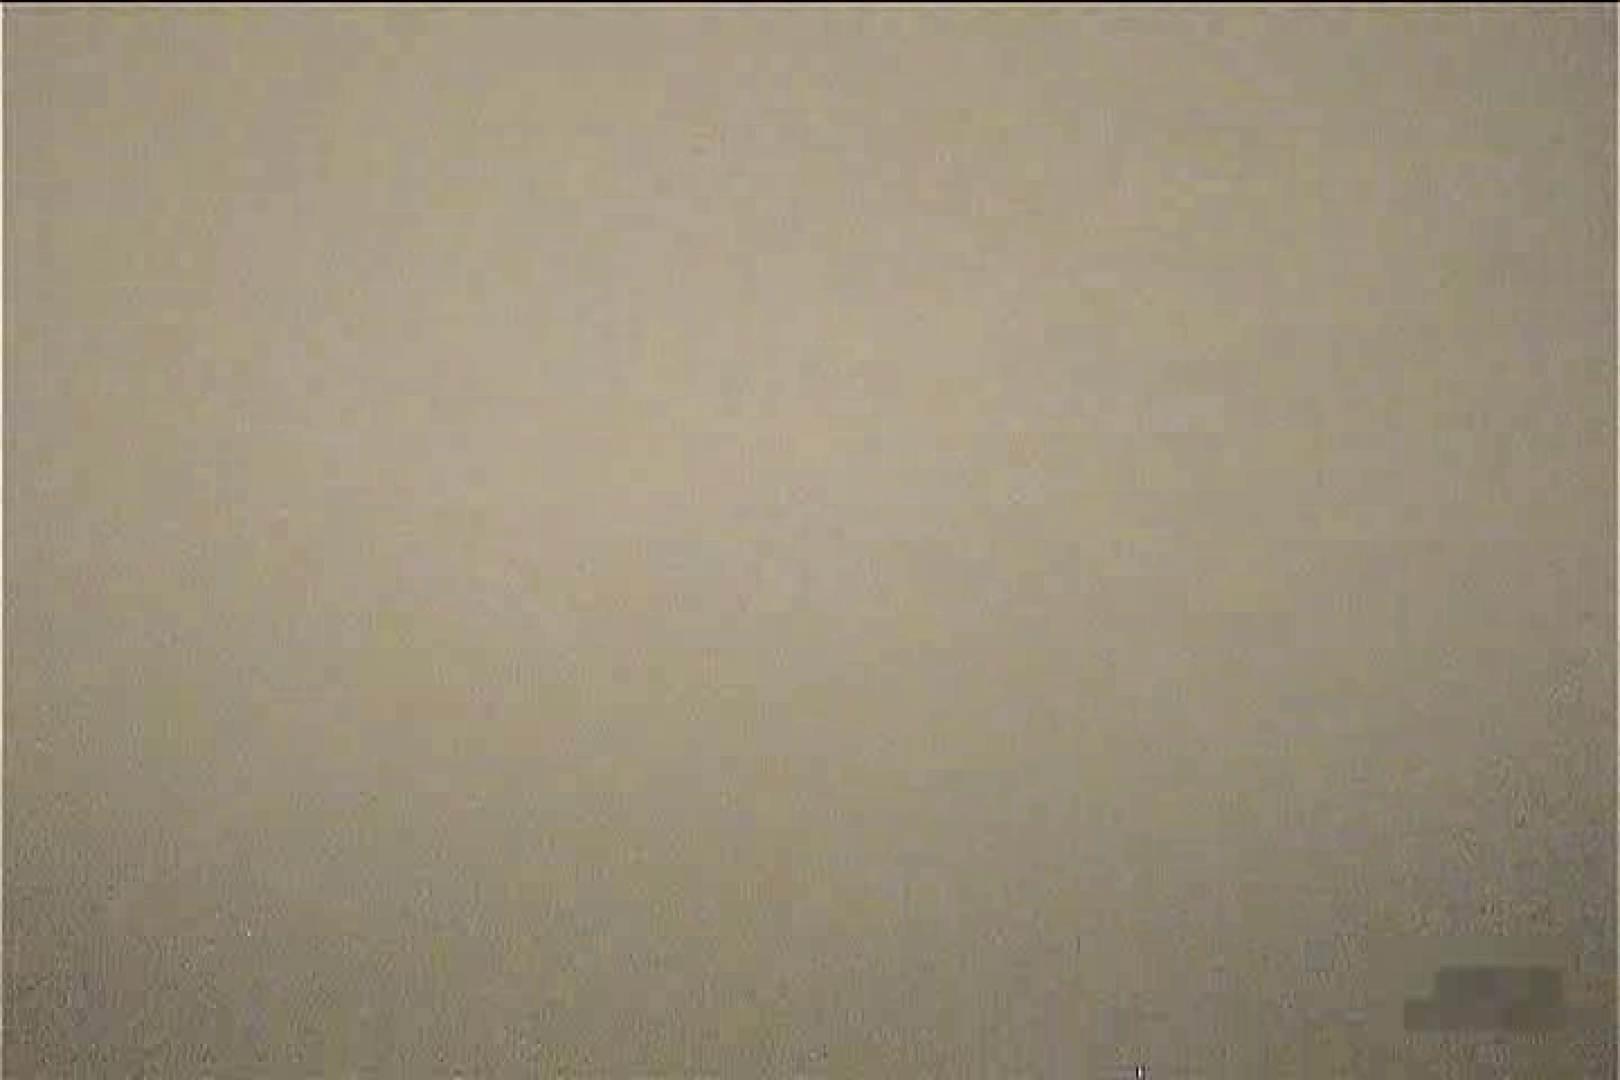 激撮ストーカー記録あなたのお宅拝見しますVol.11 シャワー オマンコ動画キャプチャ 106PICs 84